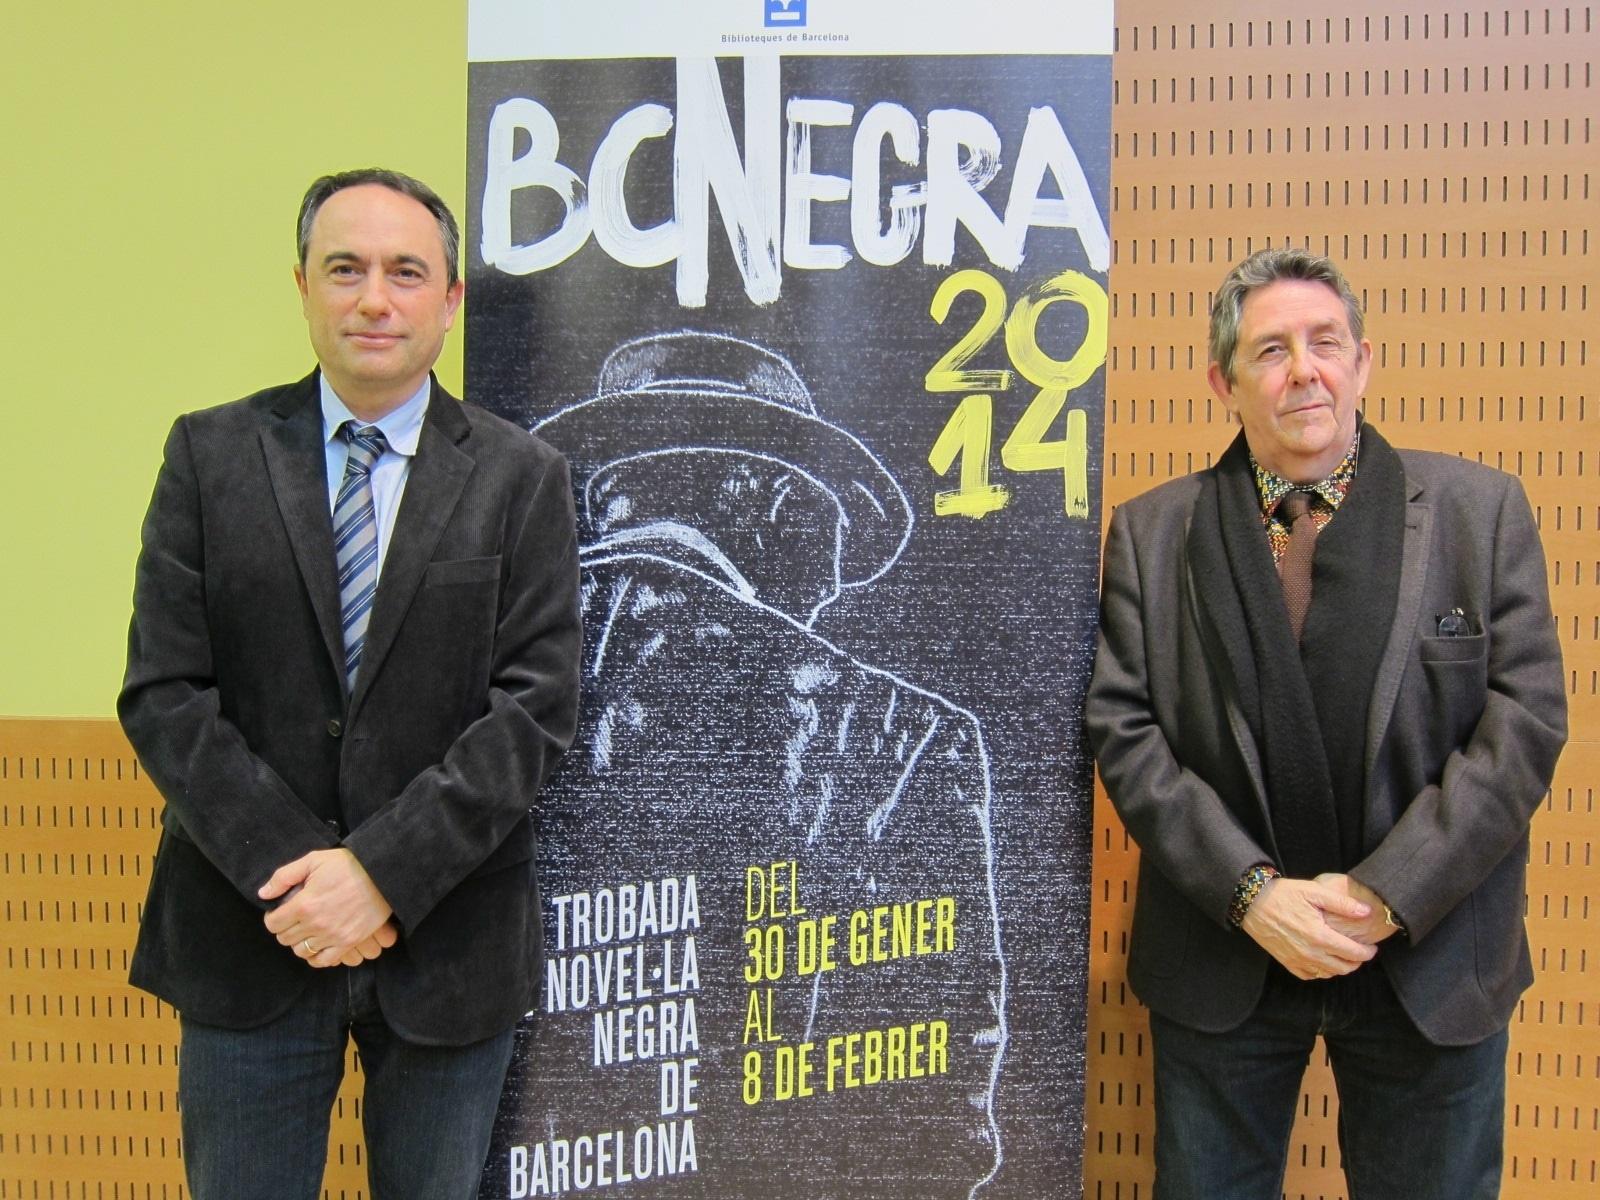 La BCNegra 2014 arranca este jueves protagonizada por Andrea Camilleri y con tres días más